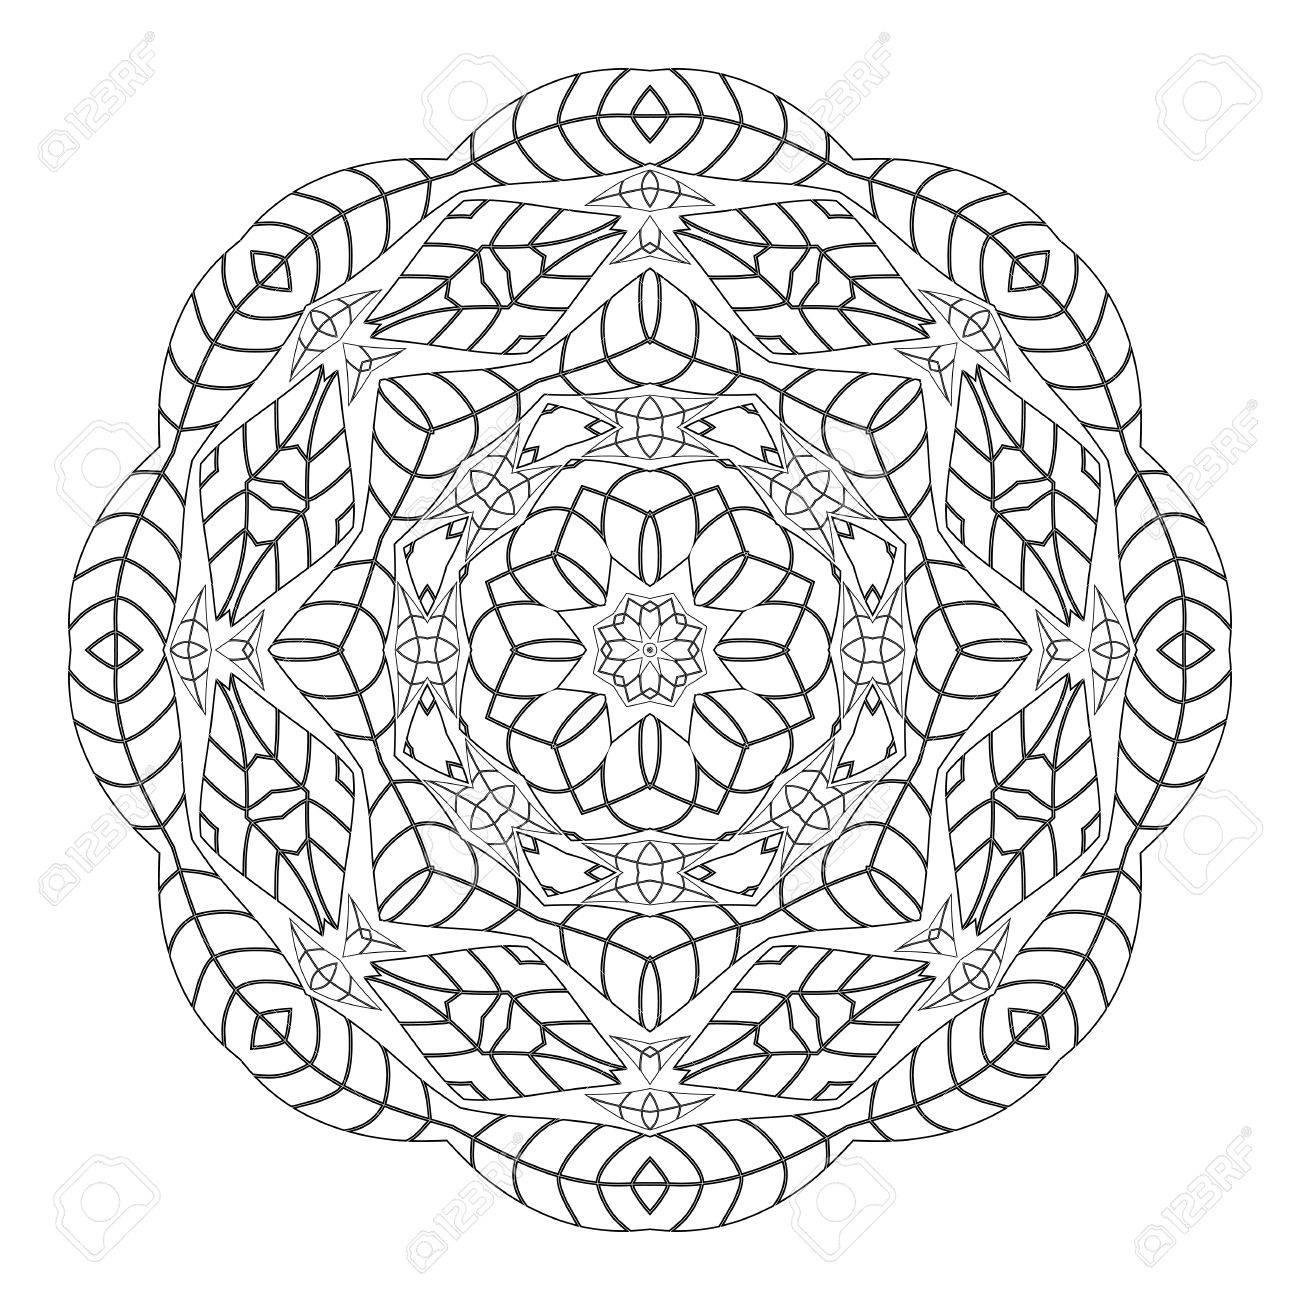 Mandala Antistress Malvorlagen Für Erwachsene Monochrome